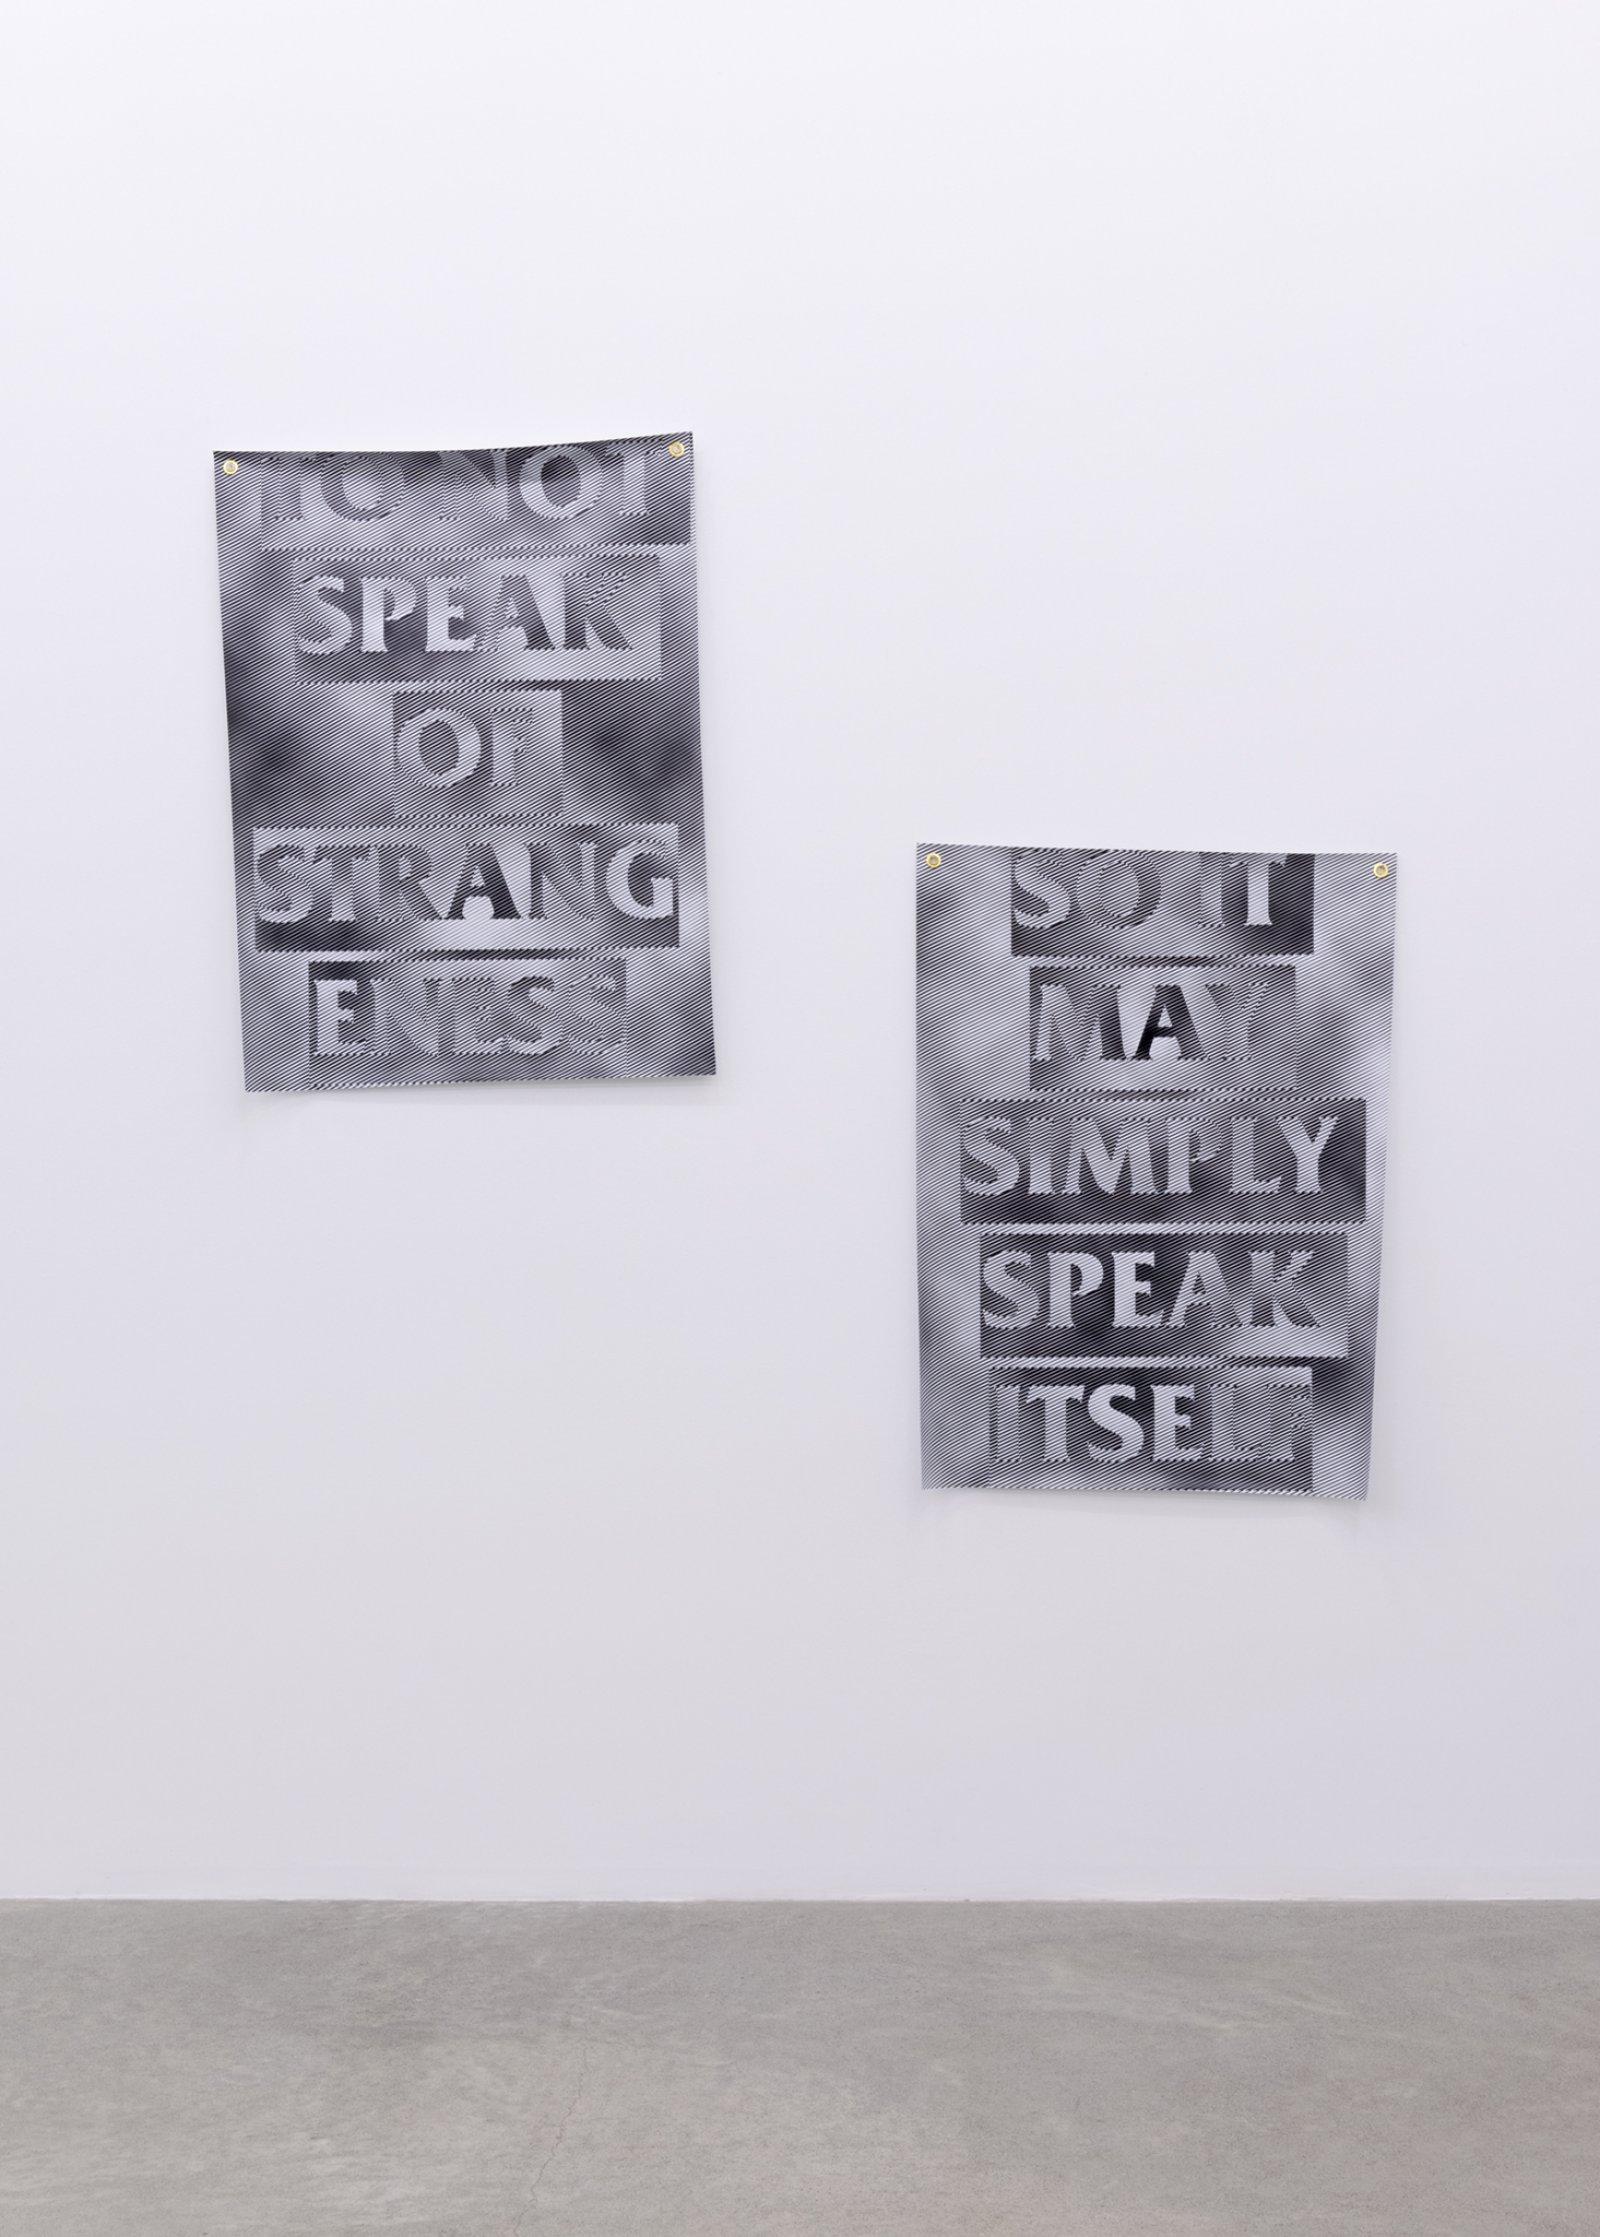 Raymond Boisjoly, Speak Itself, 2016, solvent-based inkjet print on vinyl, grommets, 66 x 74 in. (167 x 187 cm) by Raymond Boisjoly